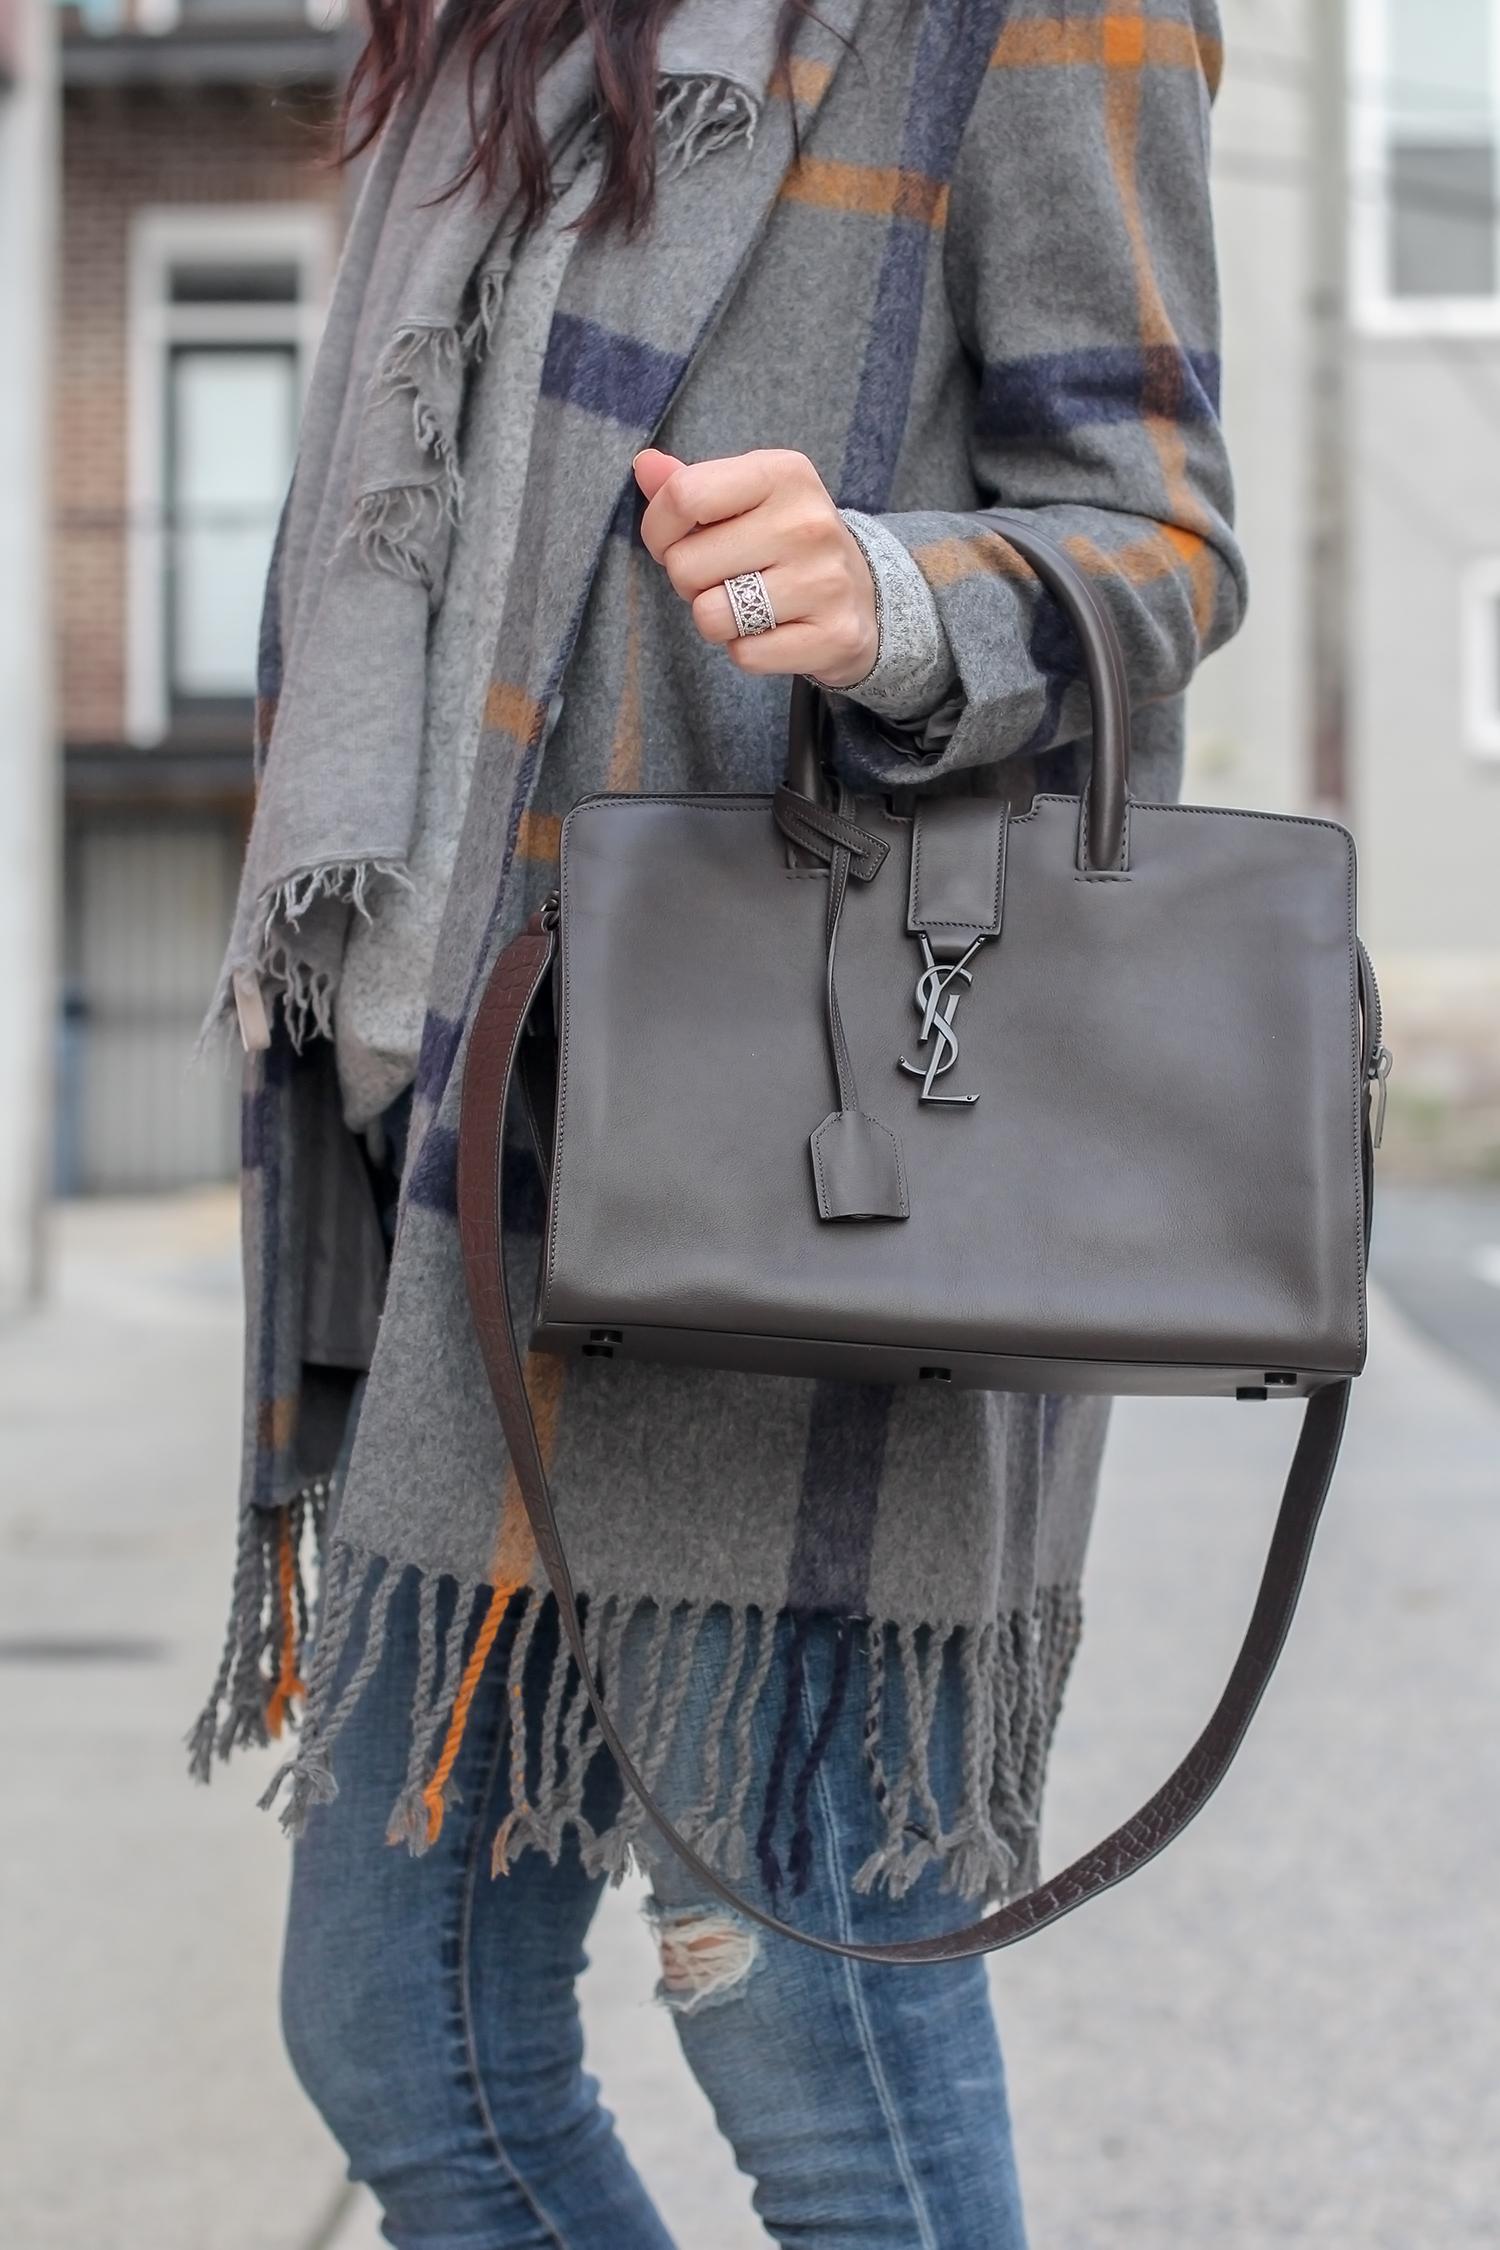 Medium Satchel, YSL Bag, Everyday Bag